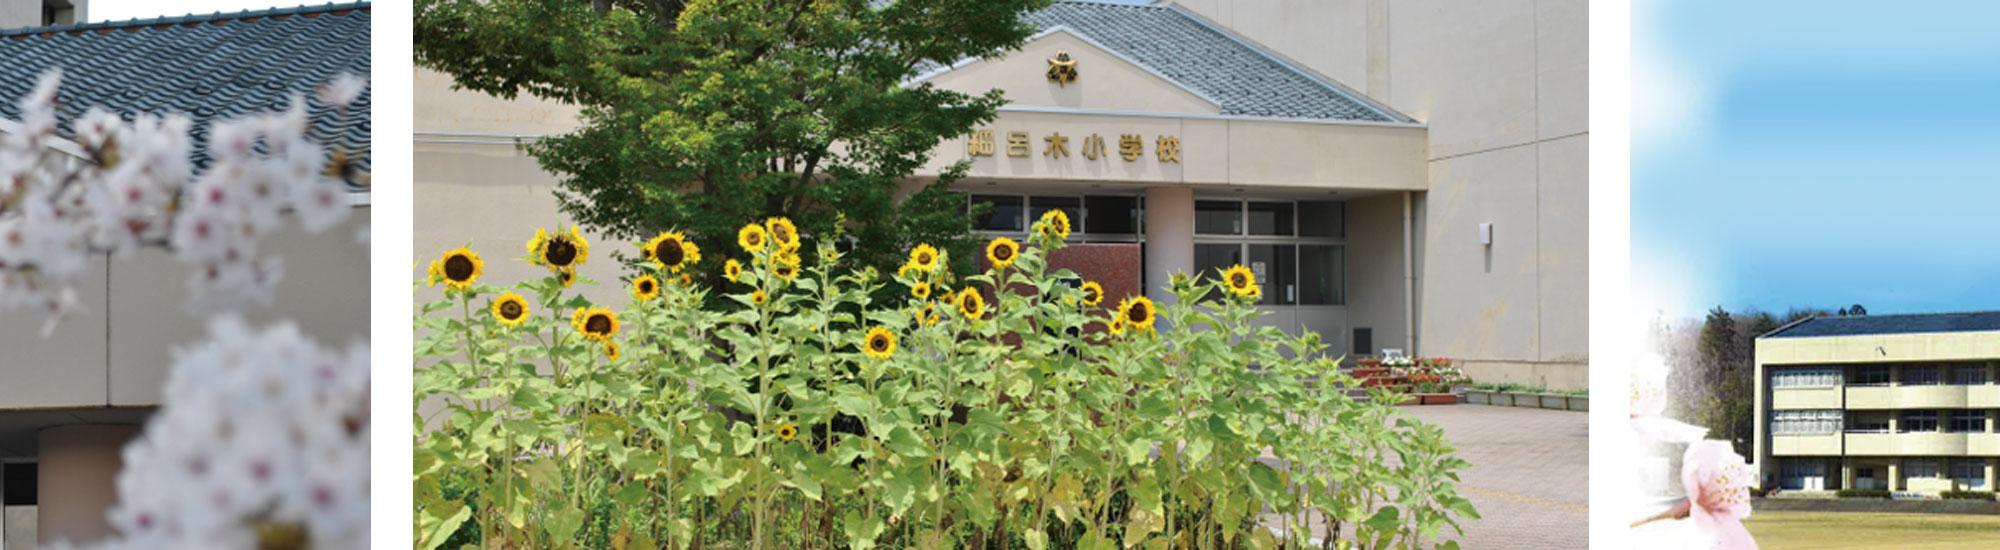 夏には細呂木小学校の校門前でひまわりがお出迎え